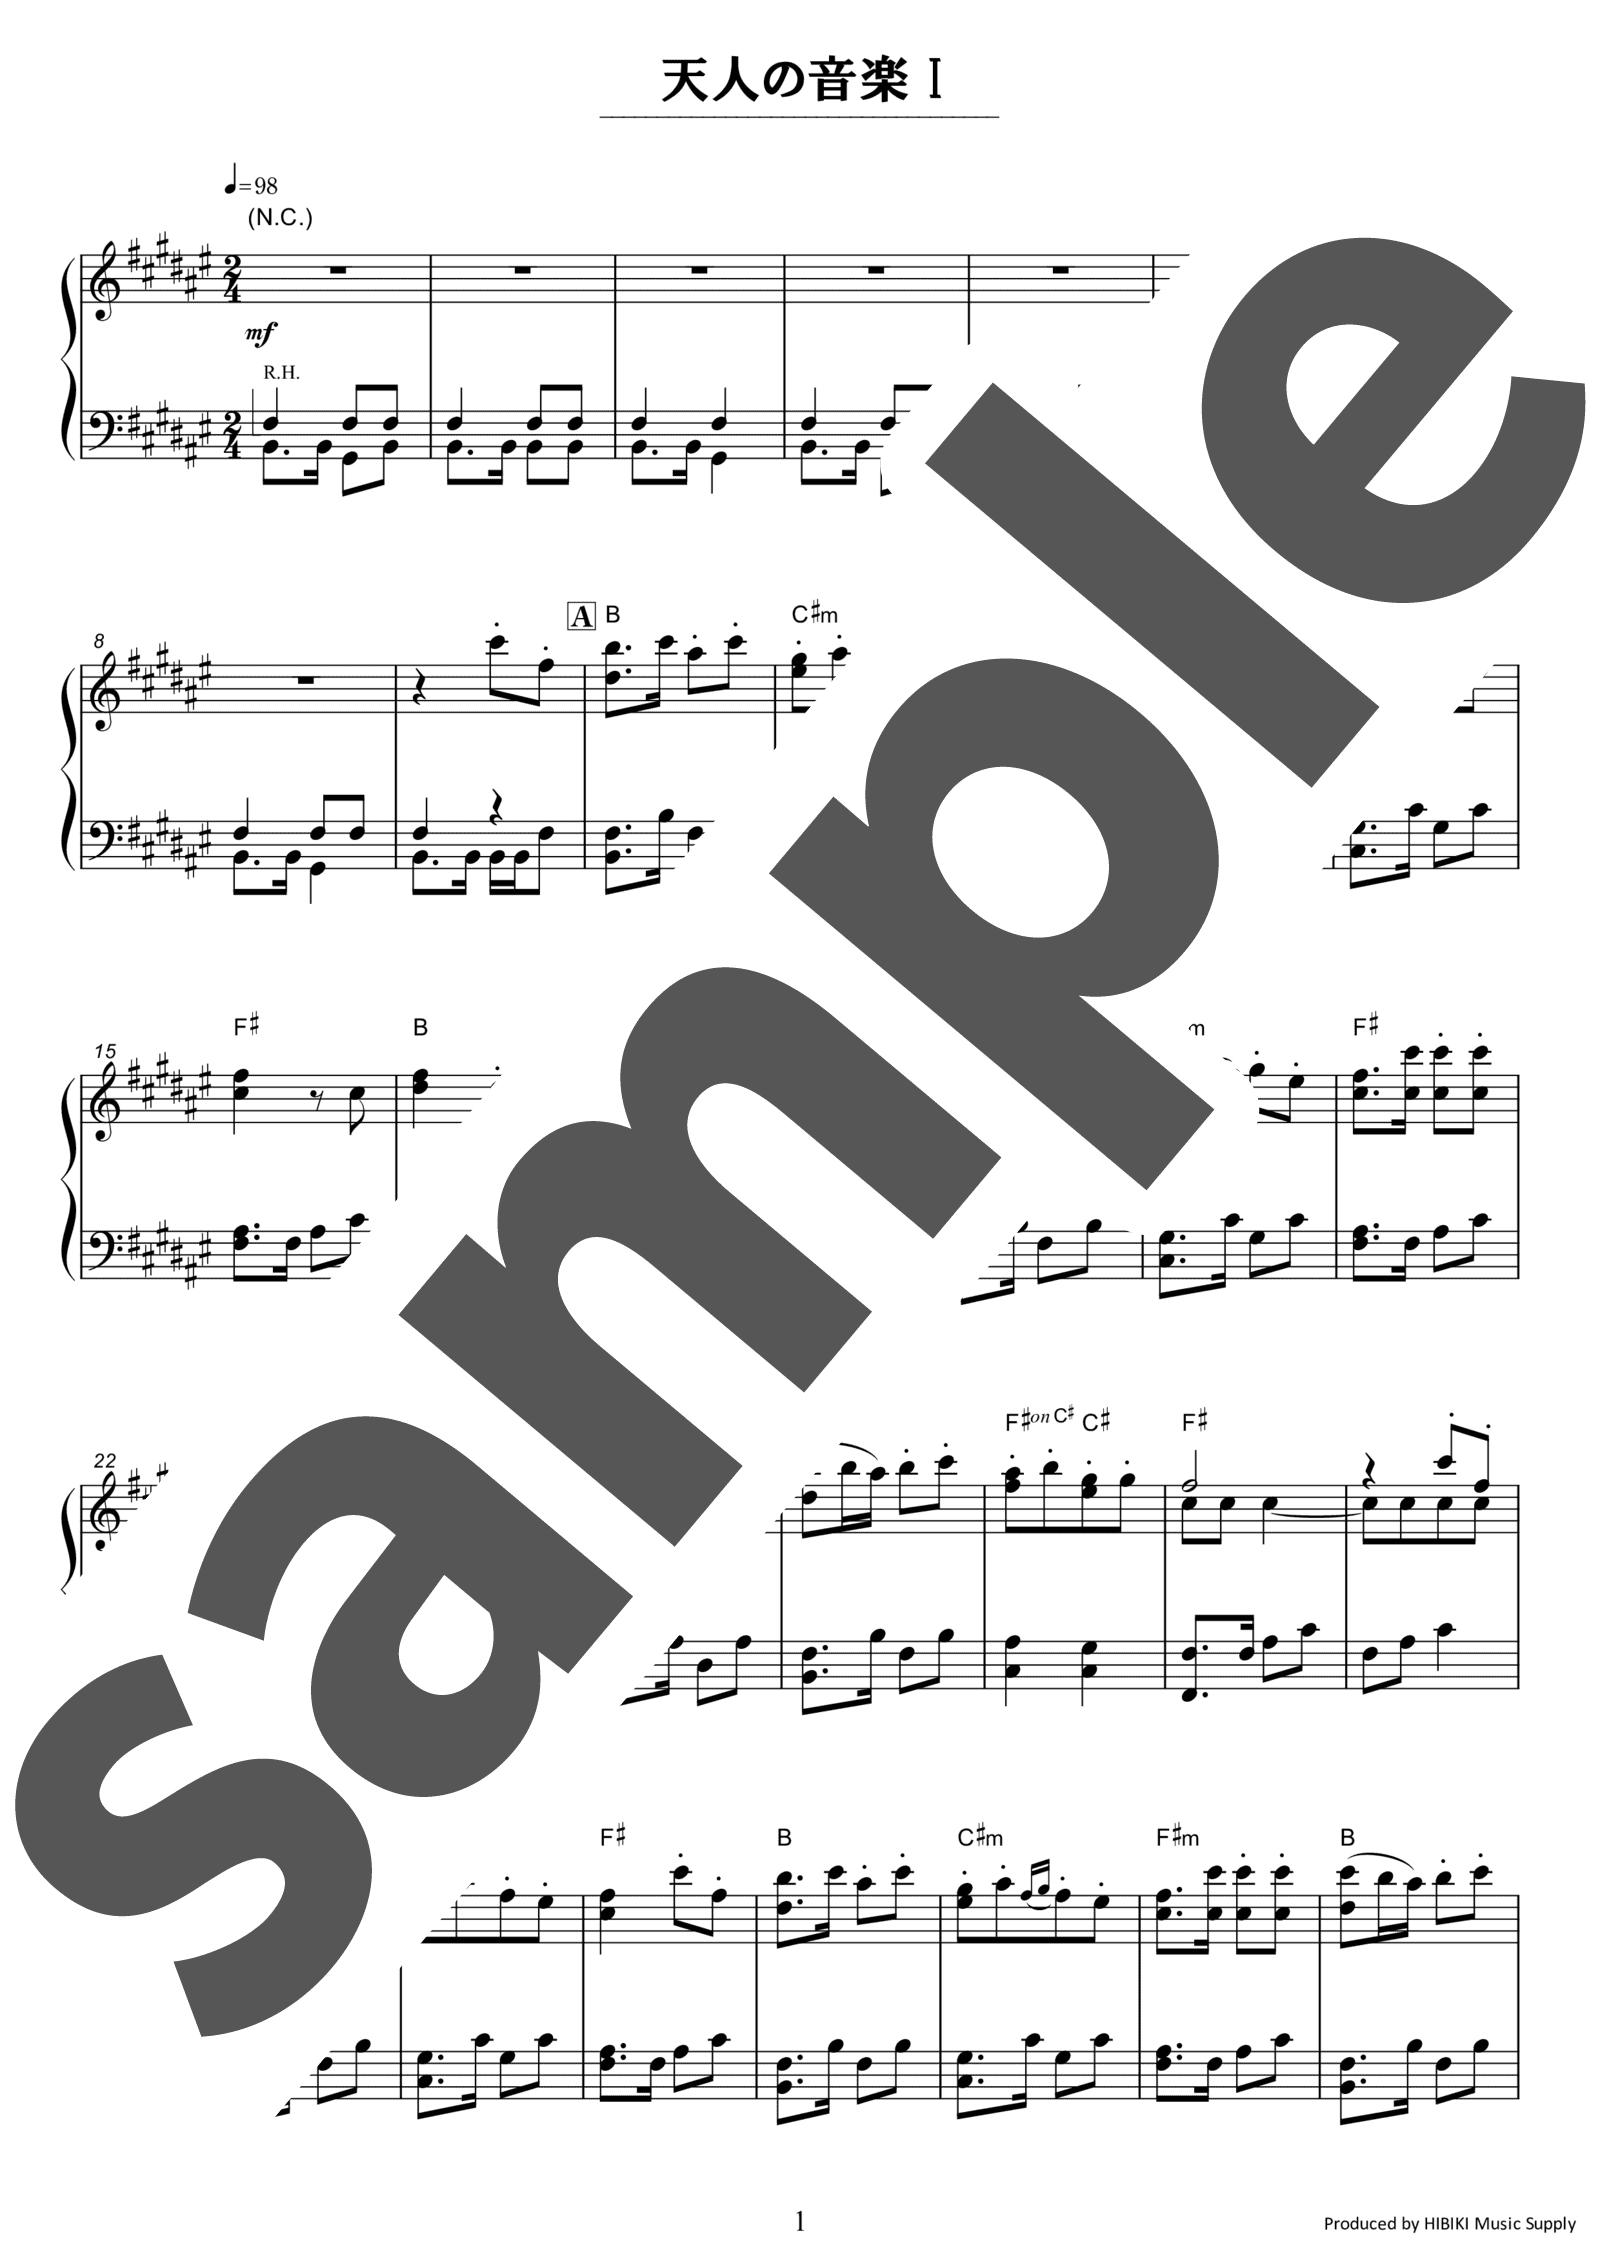 「天人の音楽I」のサンプル楽譜